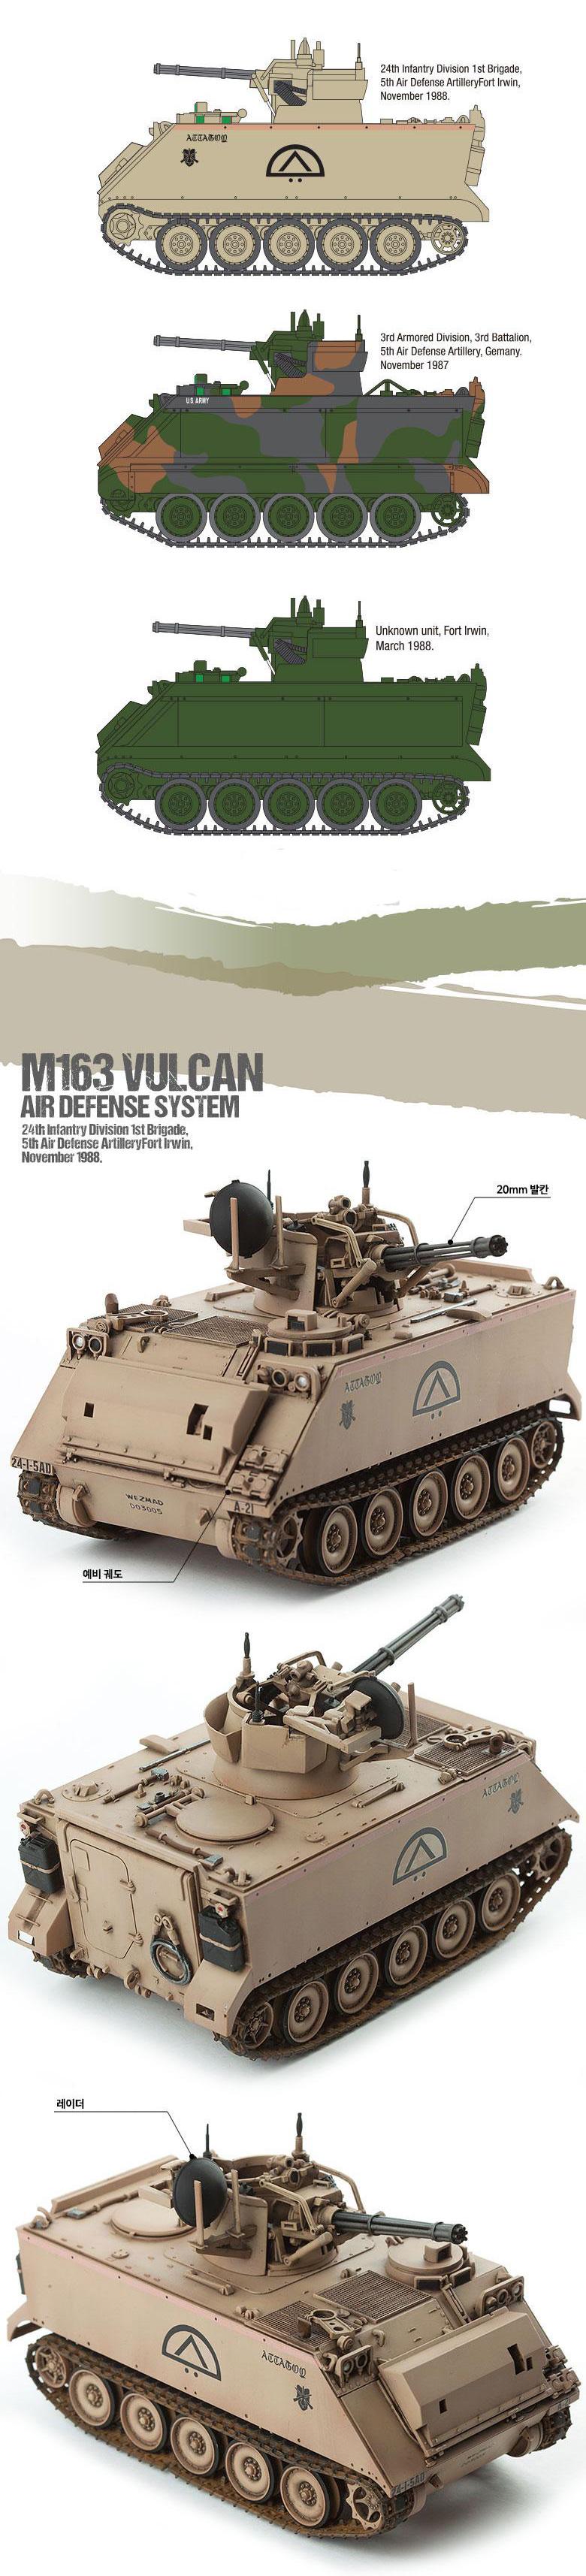 Hobbyeasy M163 A1a2 Vulcan Spaag